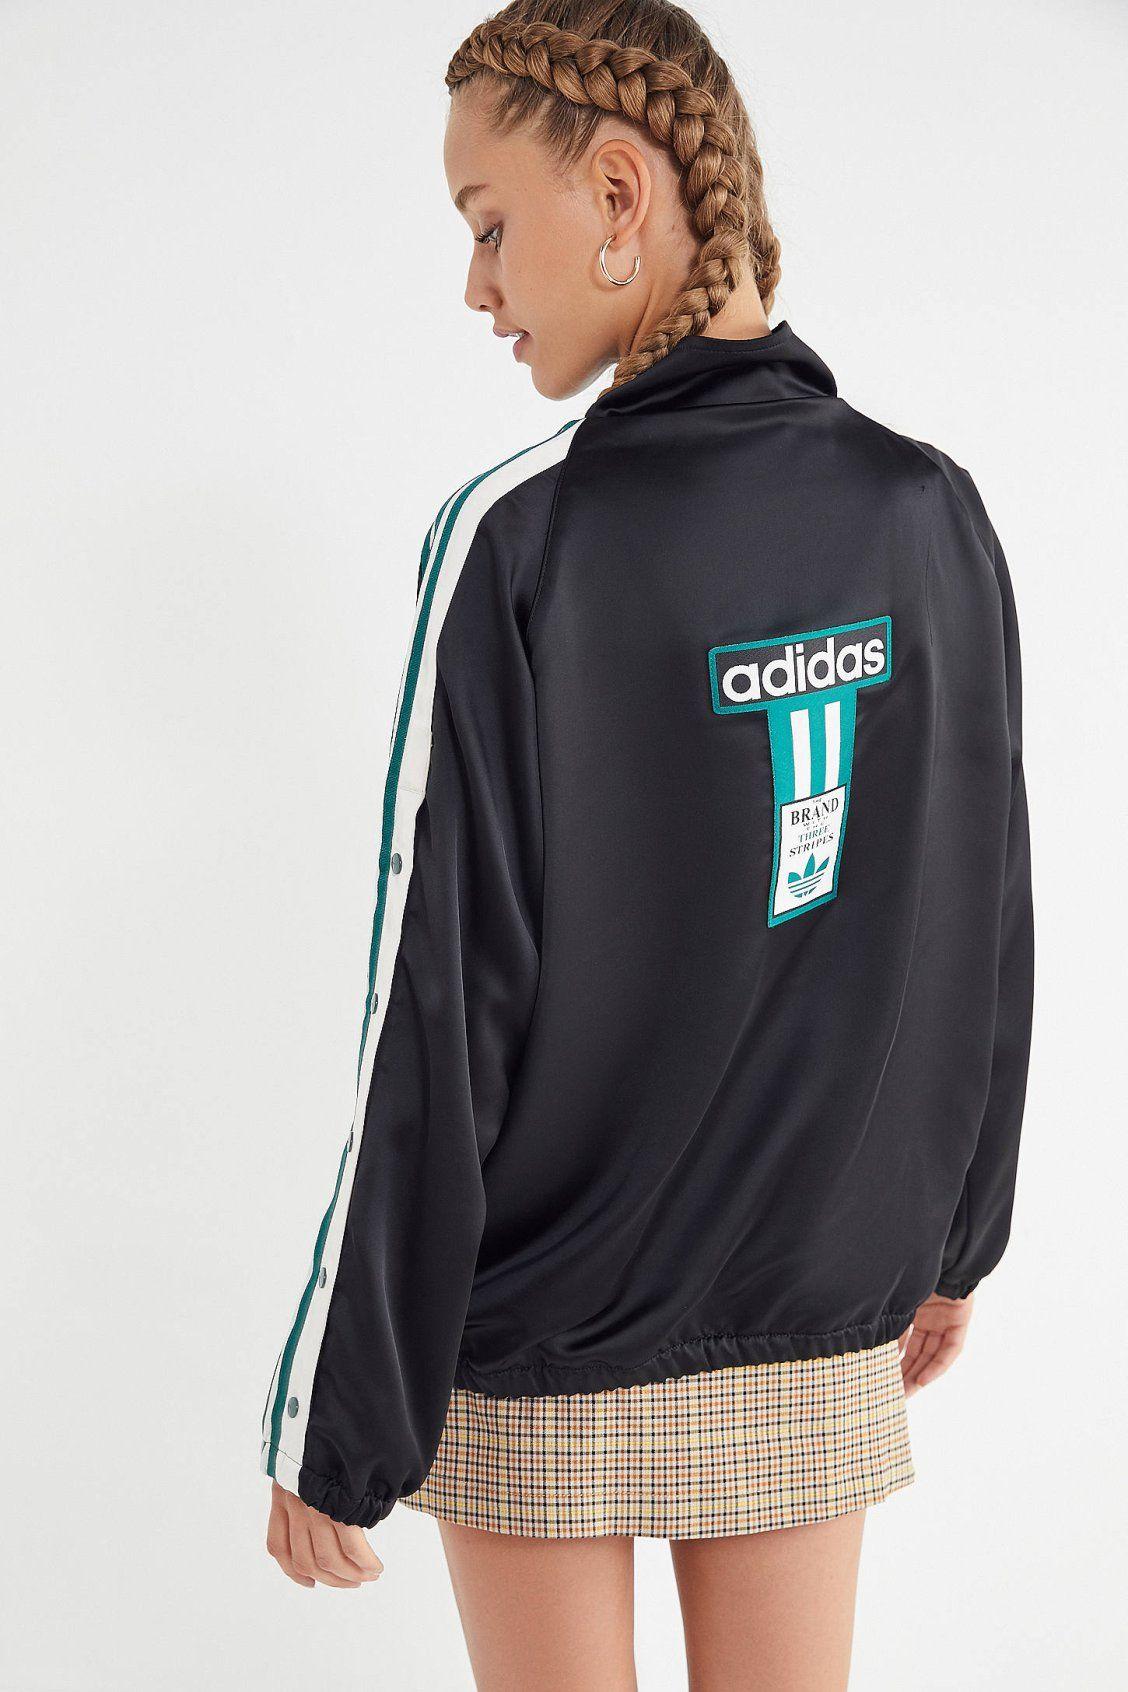 de80d04c6f941 adidas Originals Adibreak Satin Track Jacket